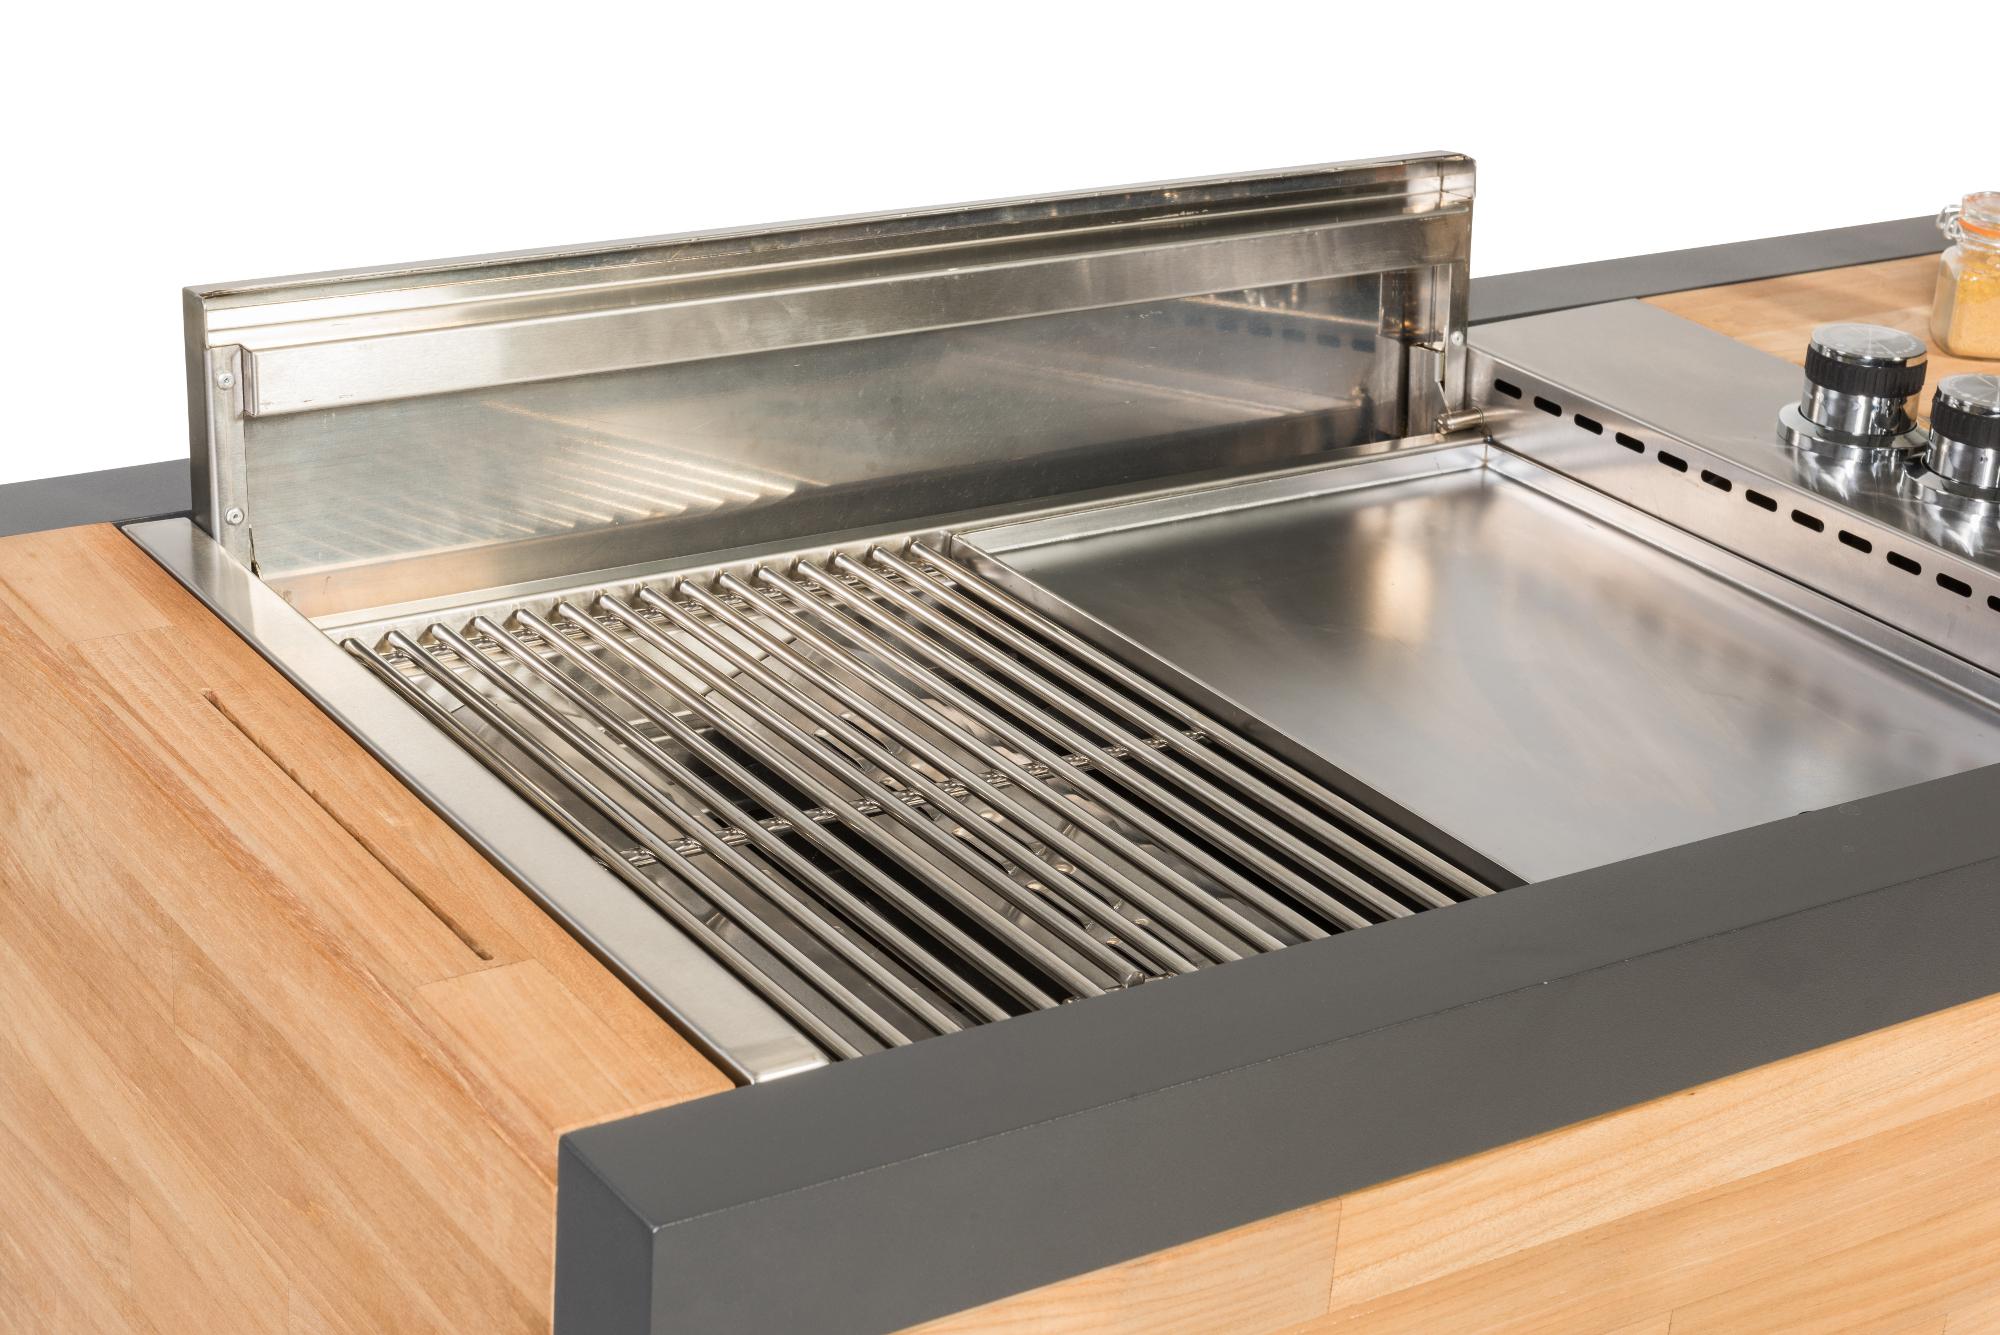 Outdoorküche Klein Kw : Outdoorküche gazzboy outdoorküche grill bbq demmelhuber